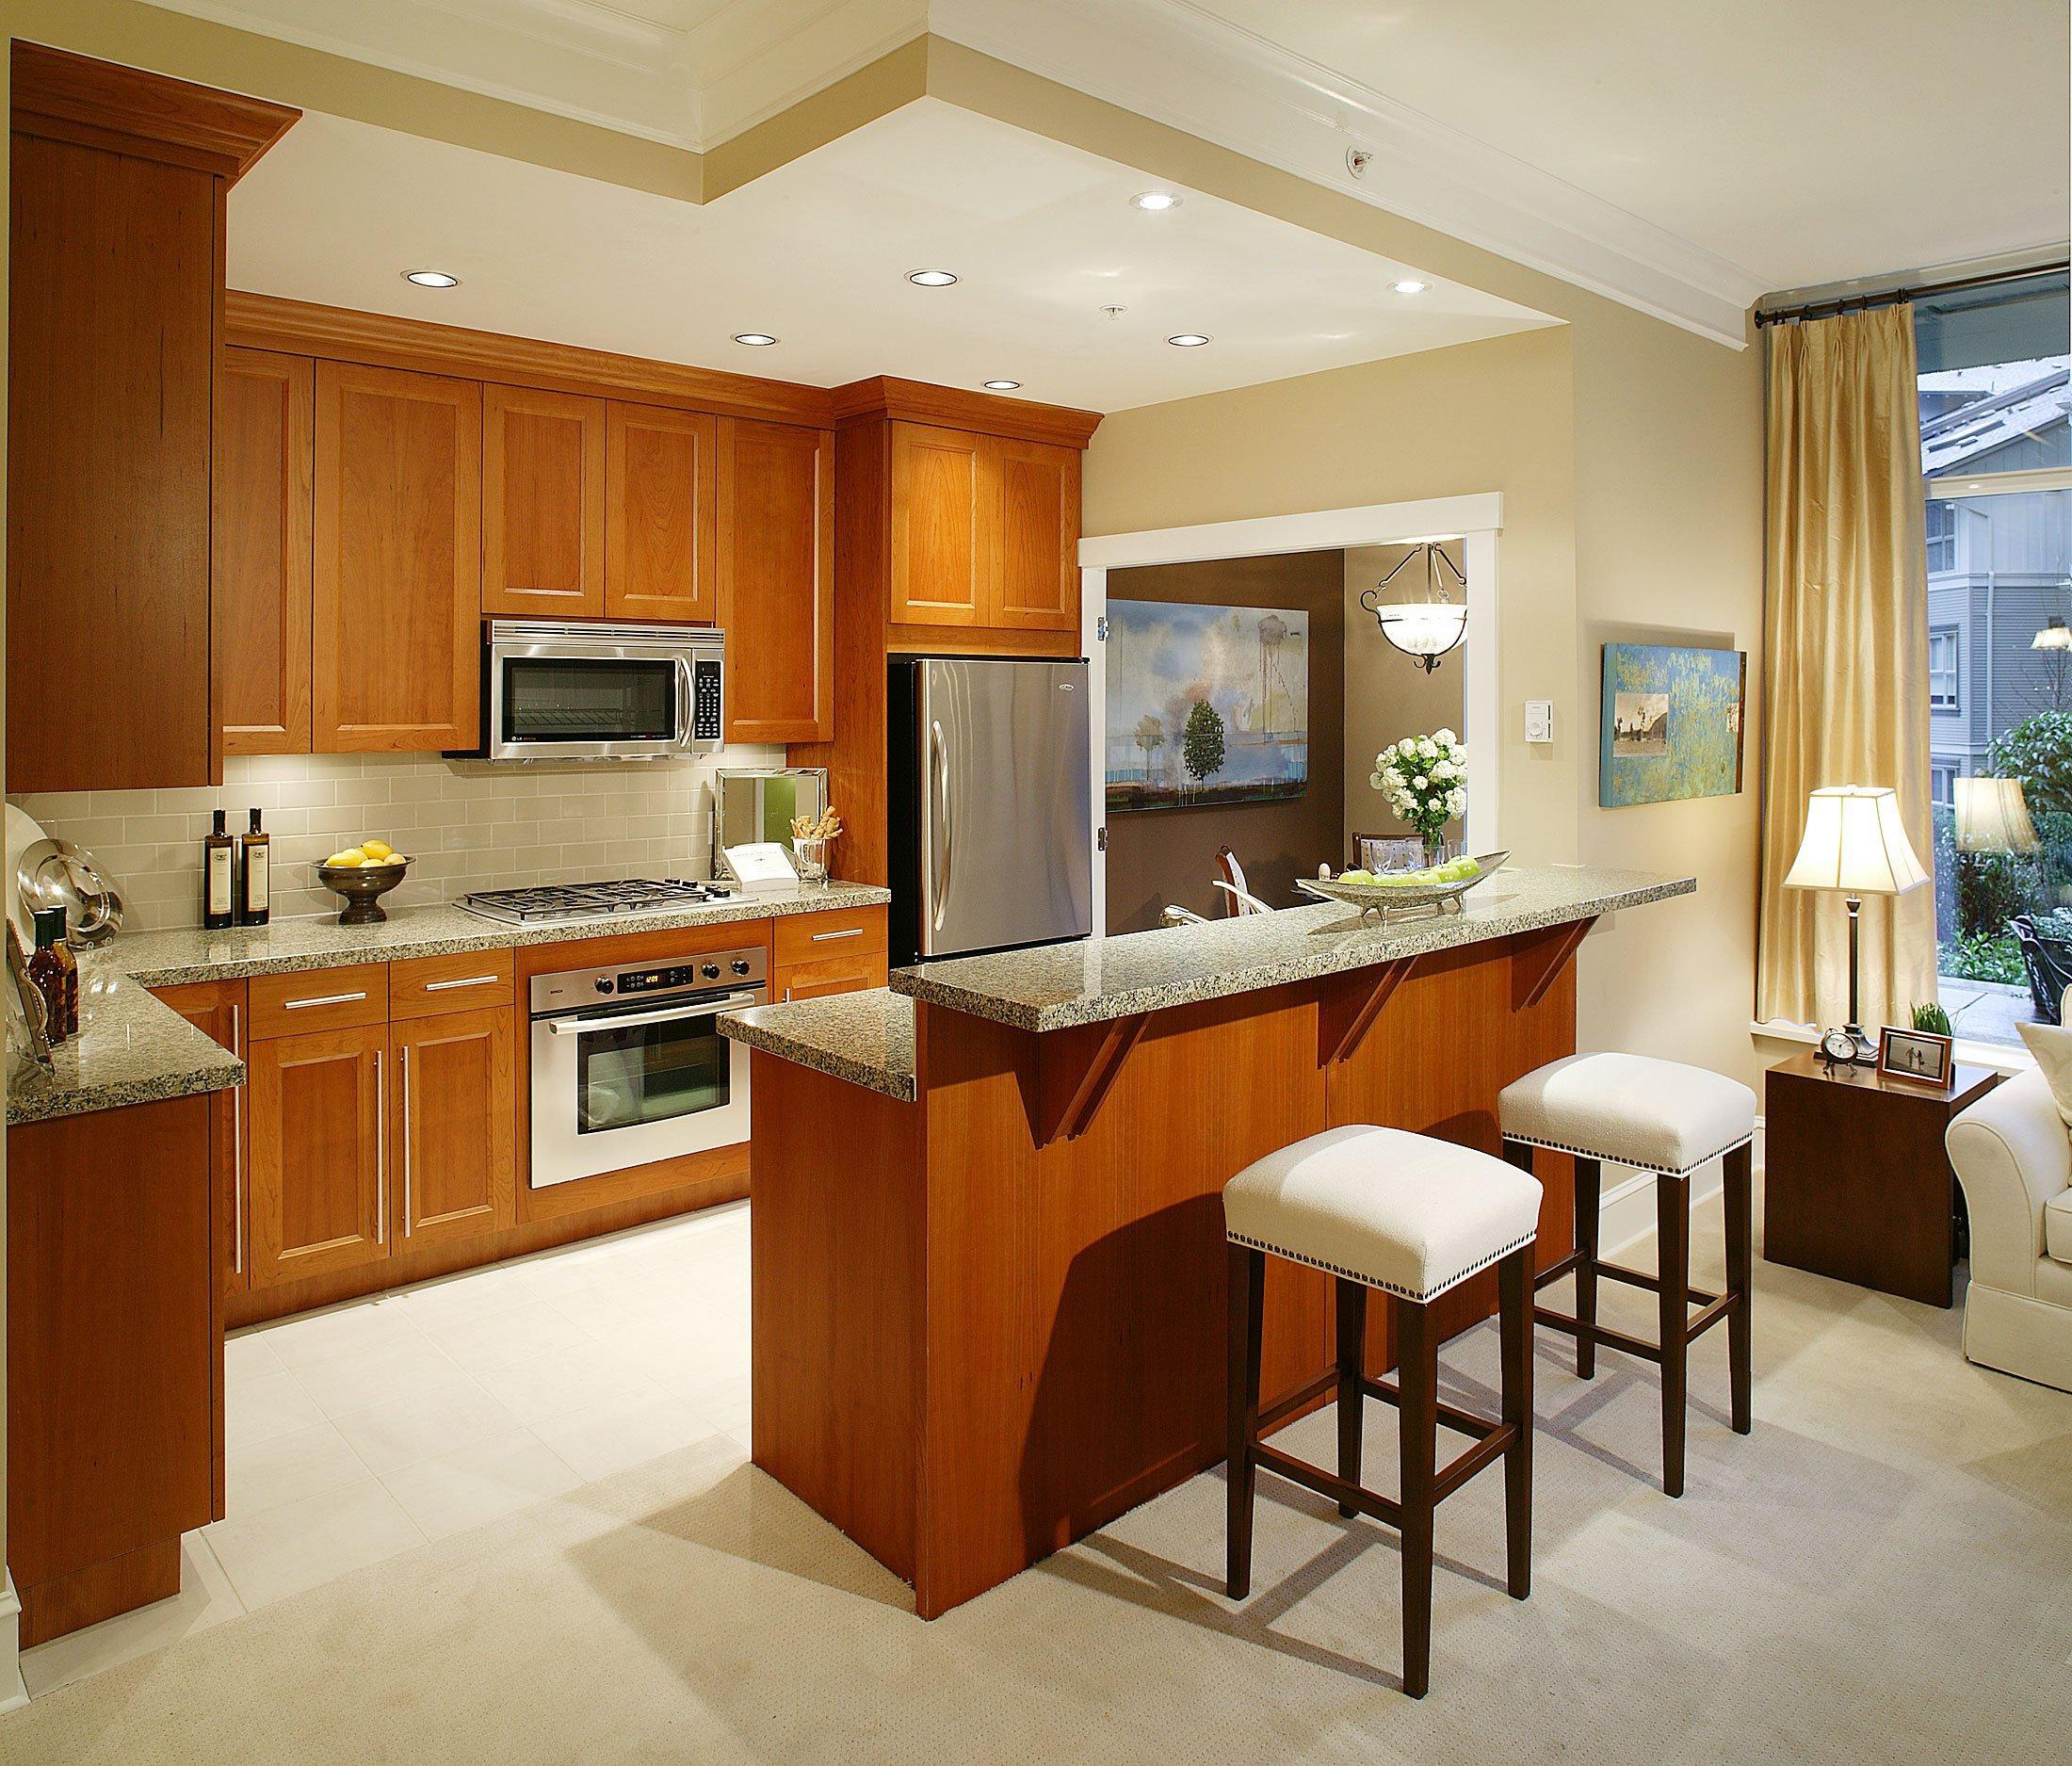 Classy Kitchen Design photo - 6